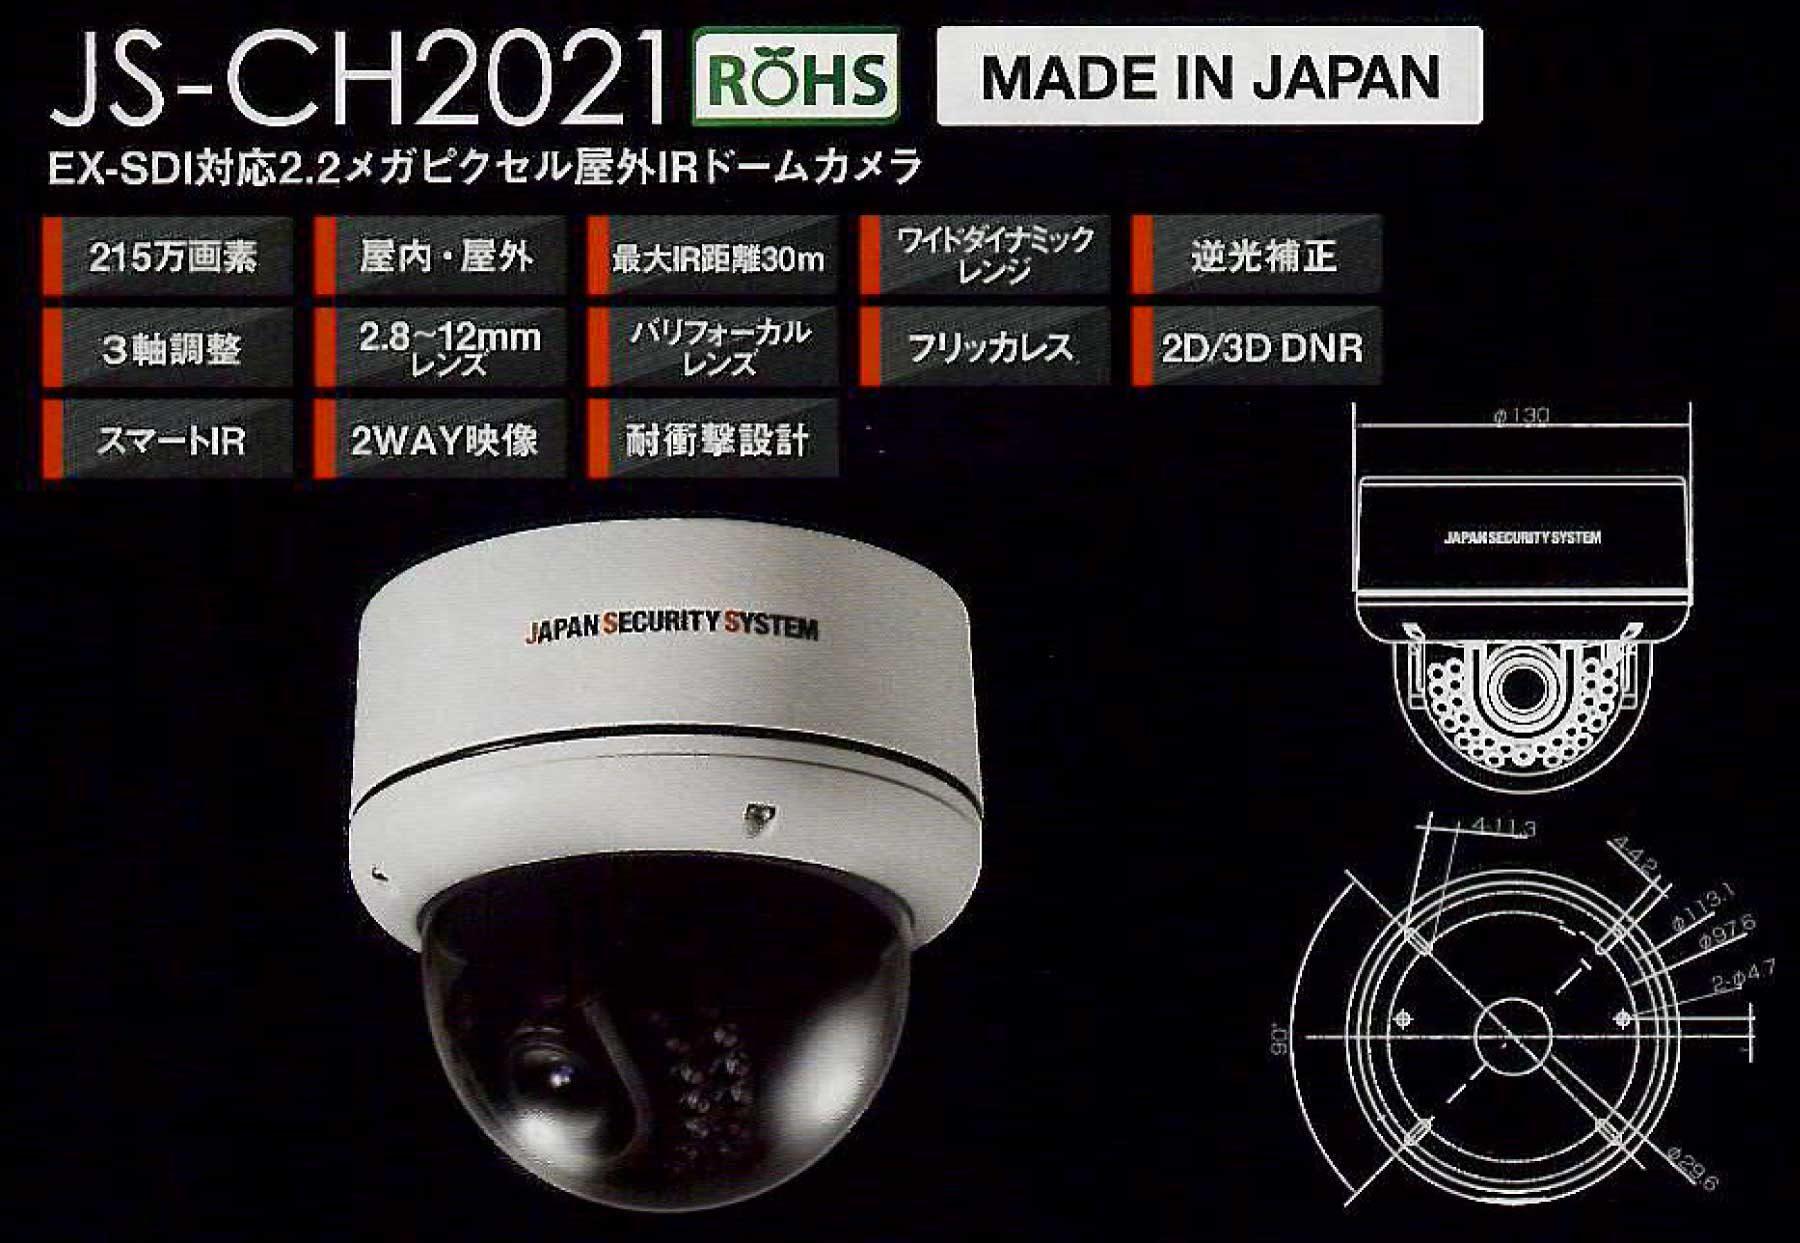 JS-CH2021